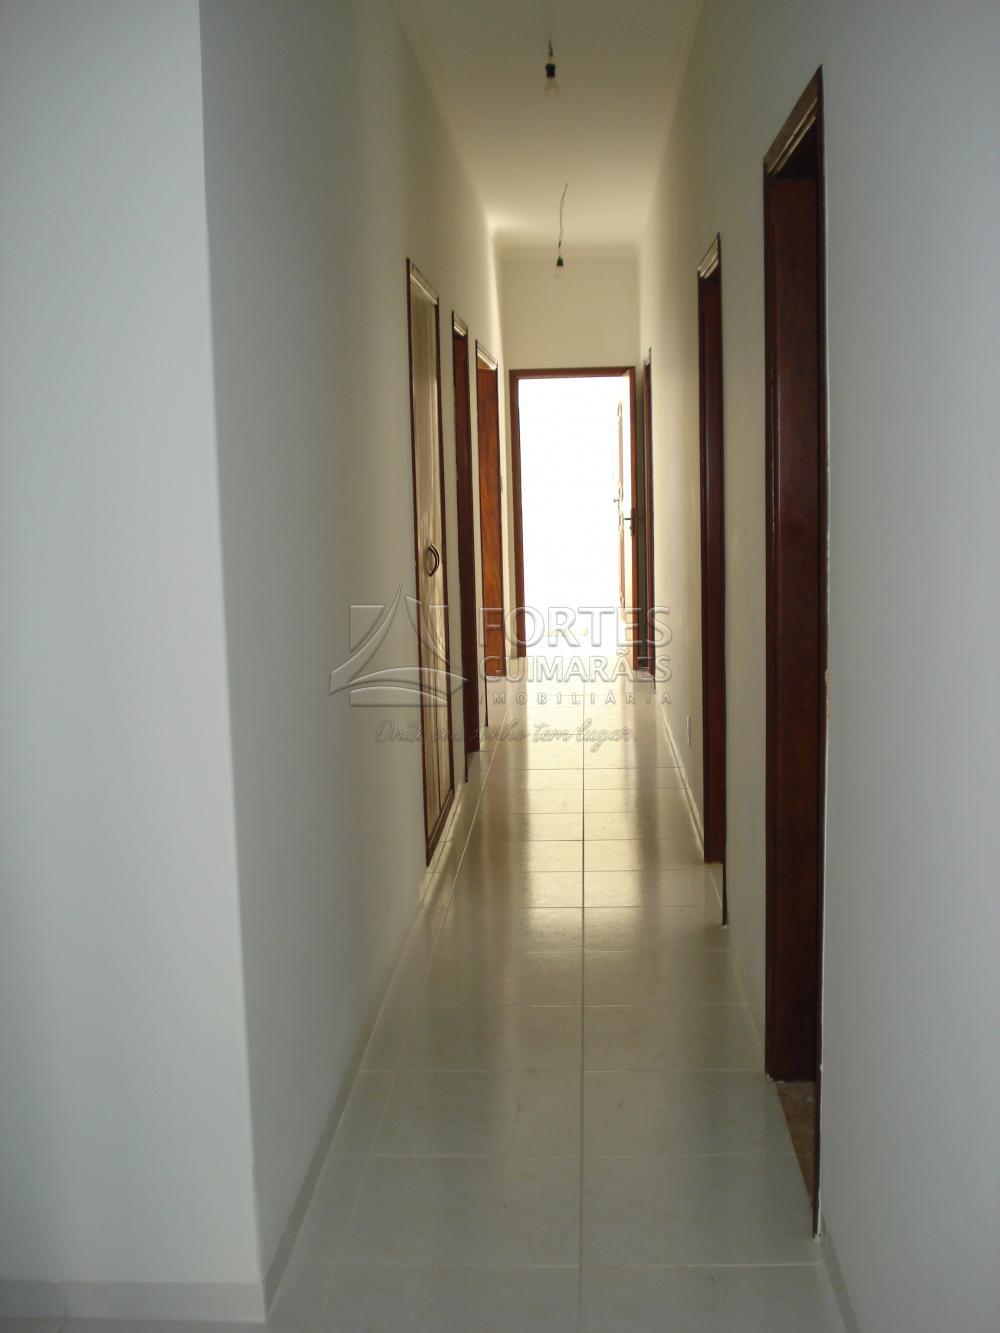 Alugar Casas / Padrão em Ribeirão Preto apenas R$ 2.800,00 - Foto 10